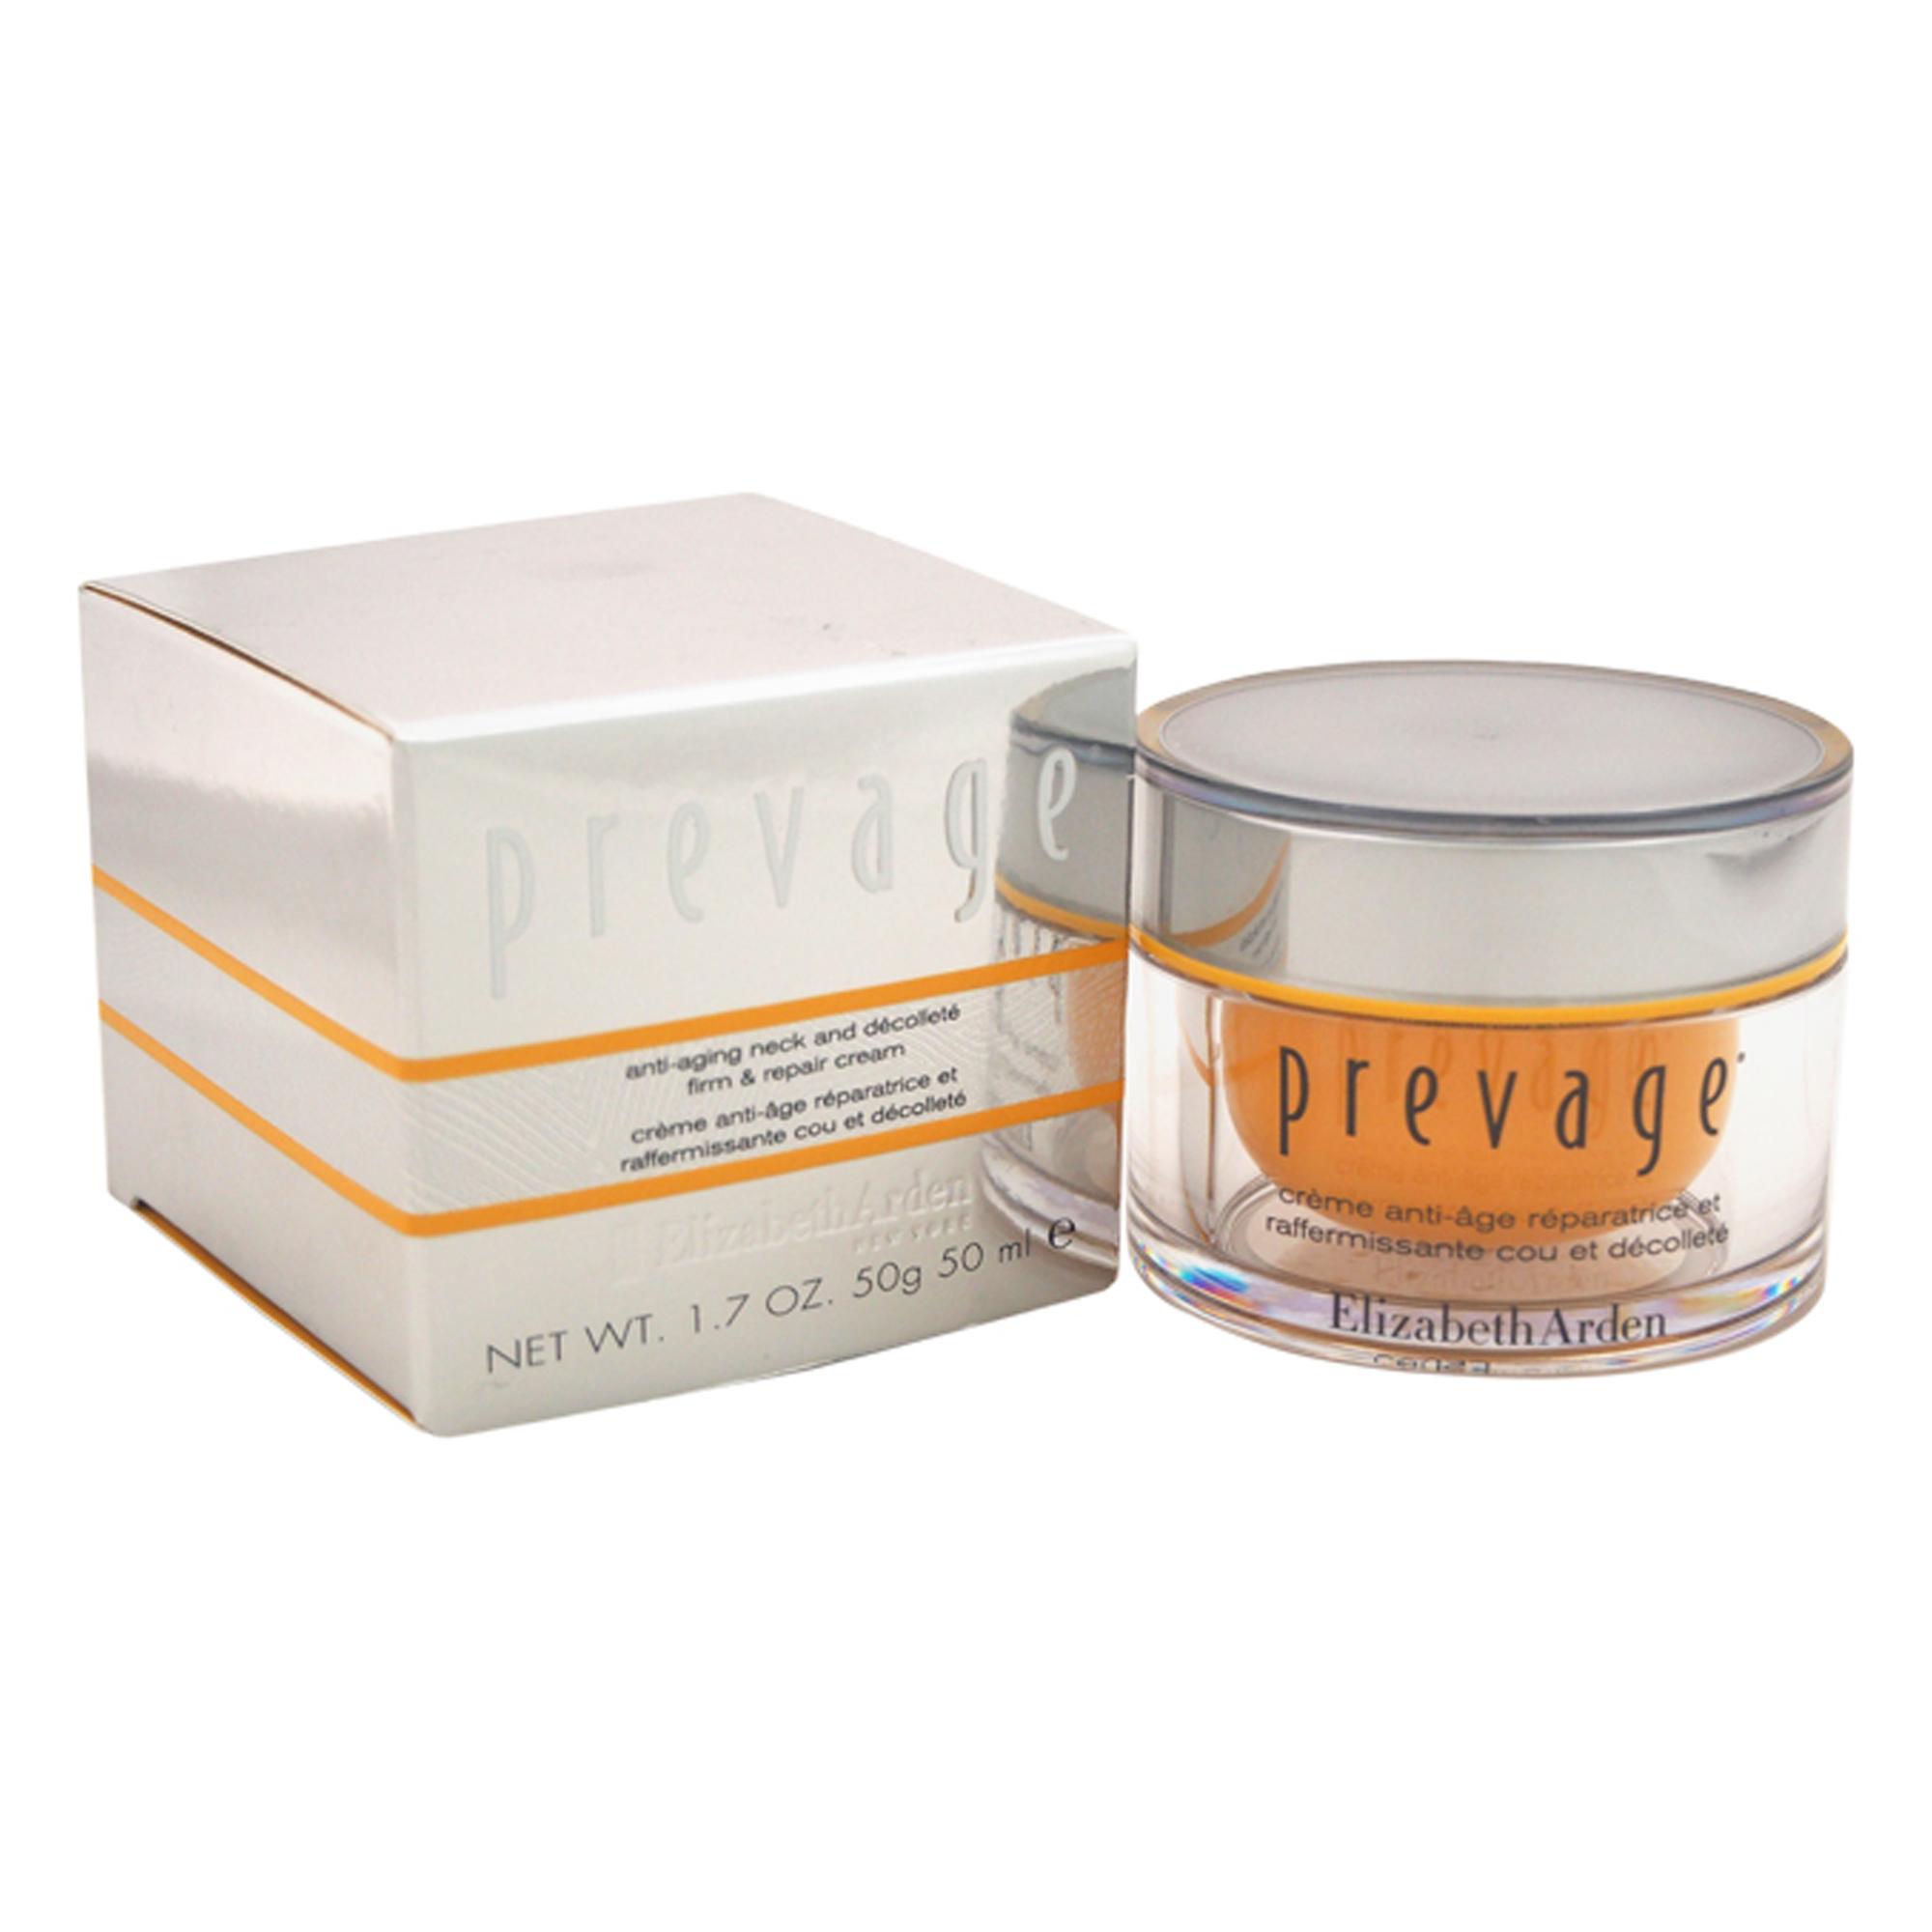 Elizabeth Arden Prevage Anti-Aging Neck & Decollete Firm & Repair Cream, 1.7 Oz